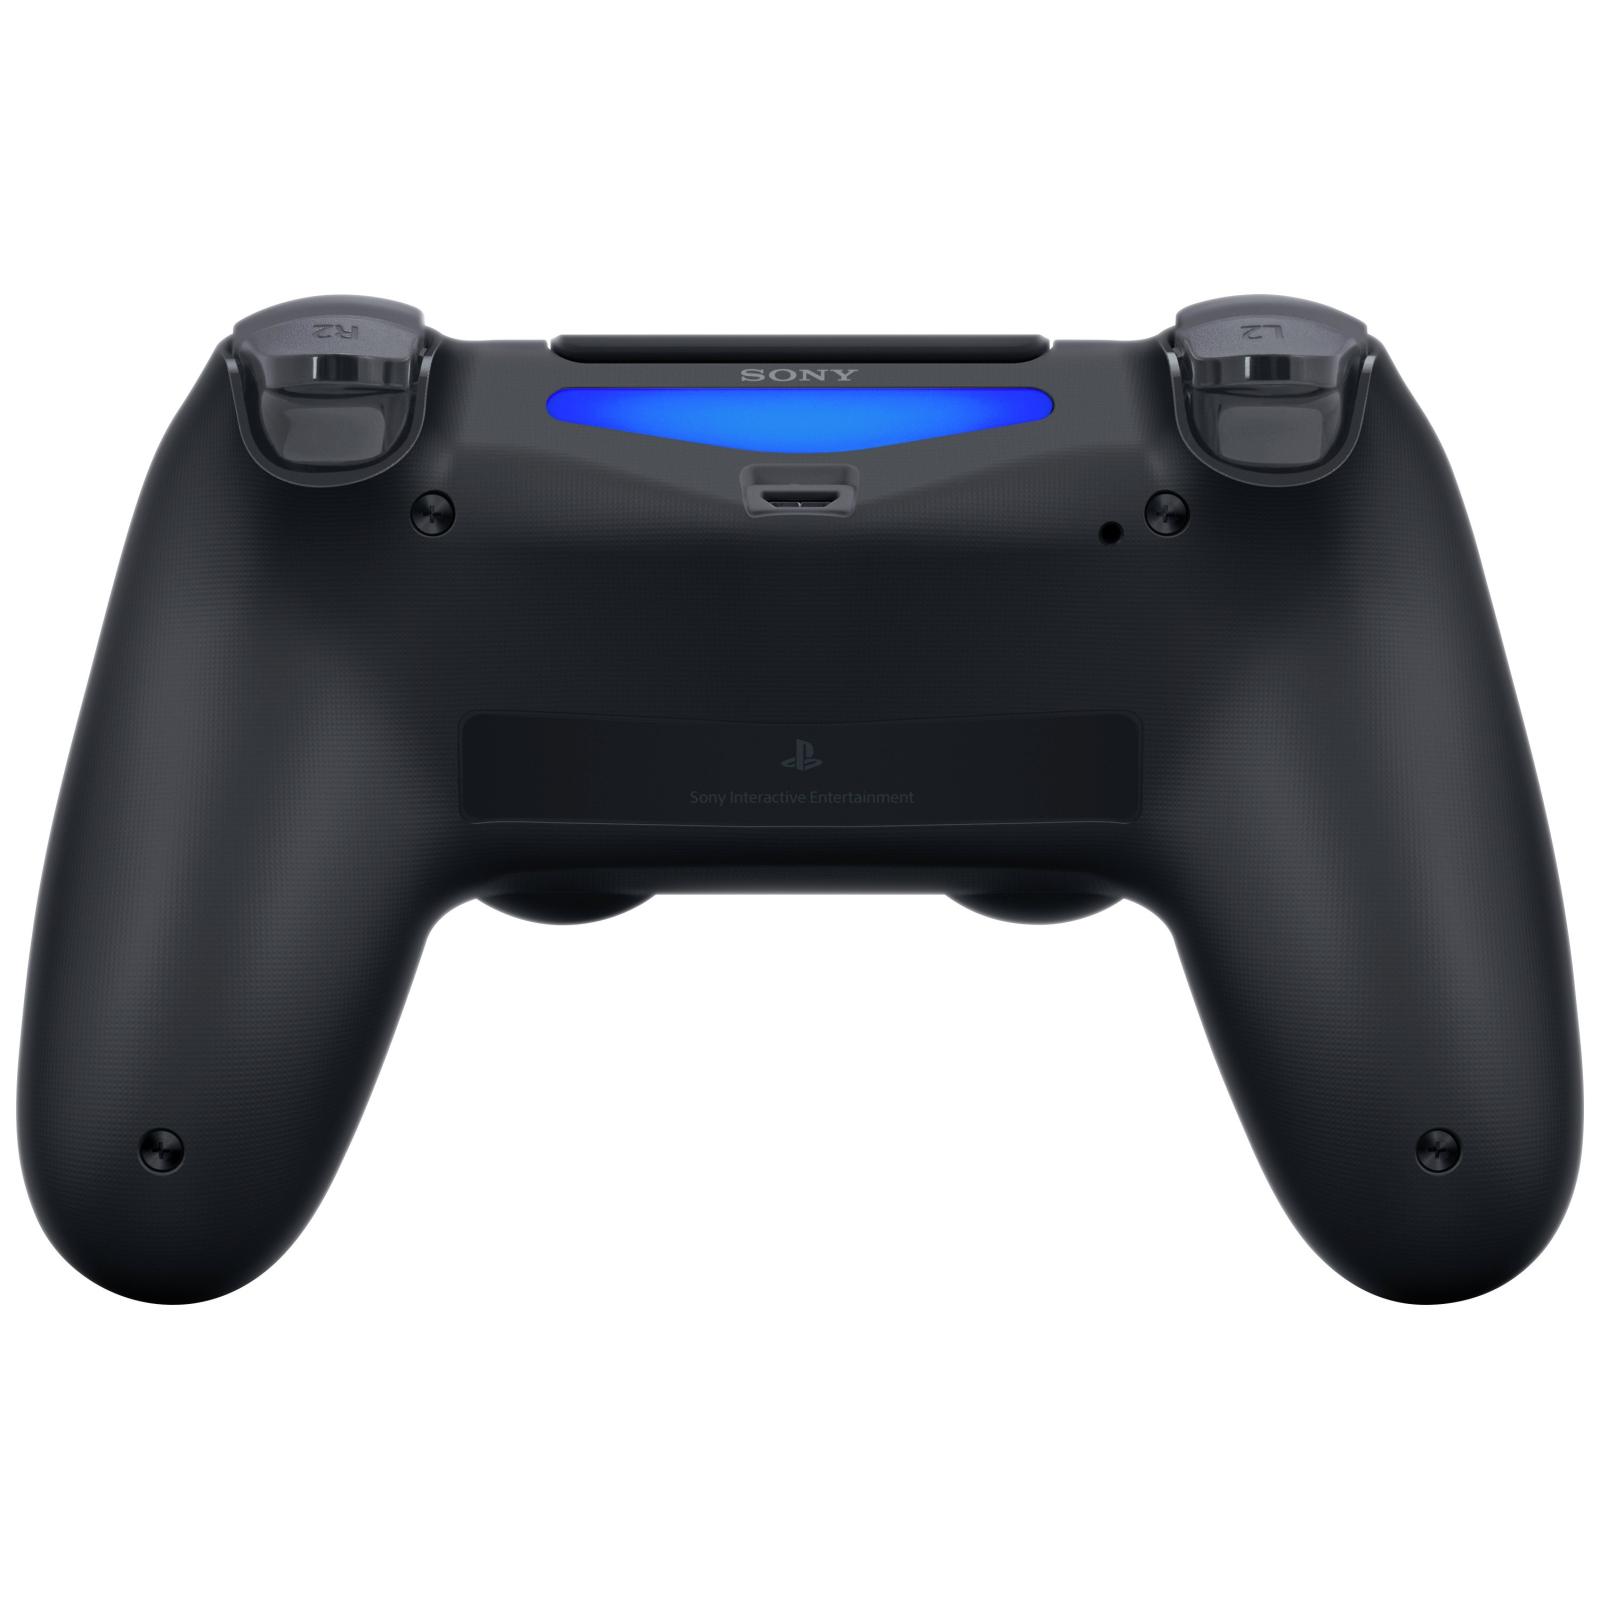 Геймпад Sony PS4 Dualshock 4 V2 Steel Black изображение 6